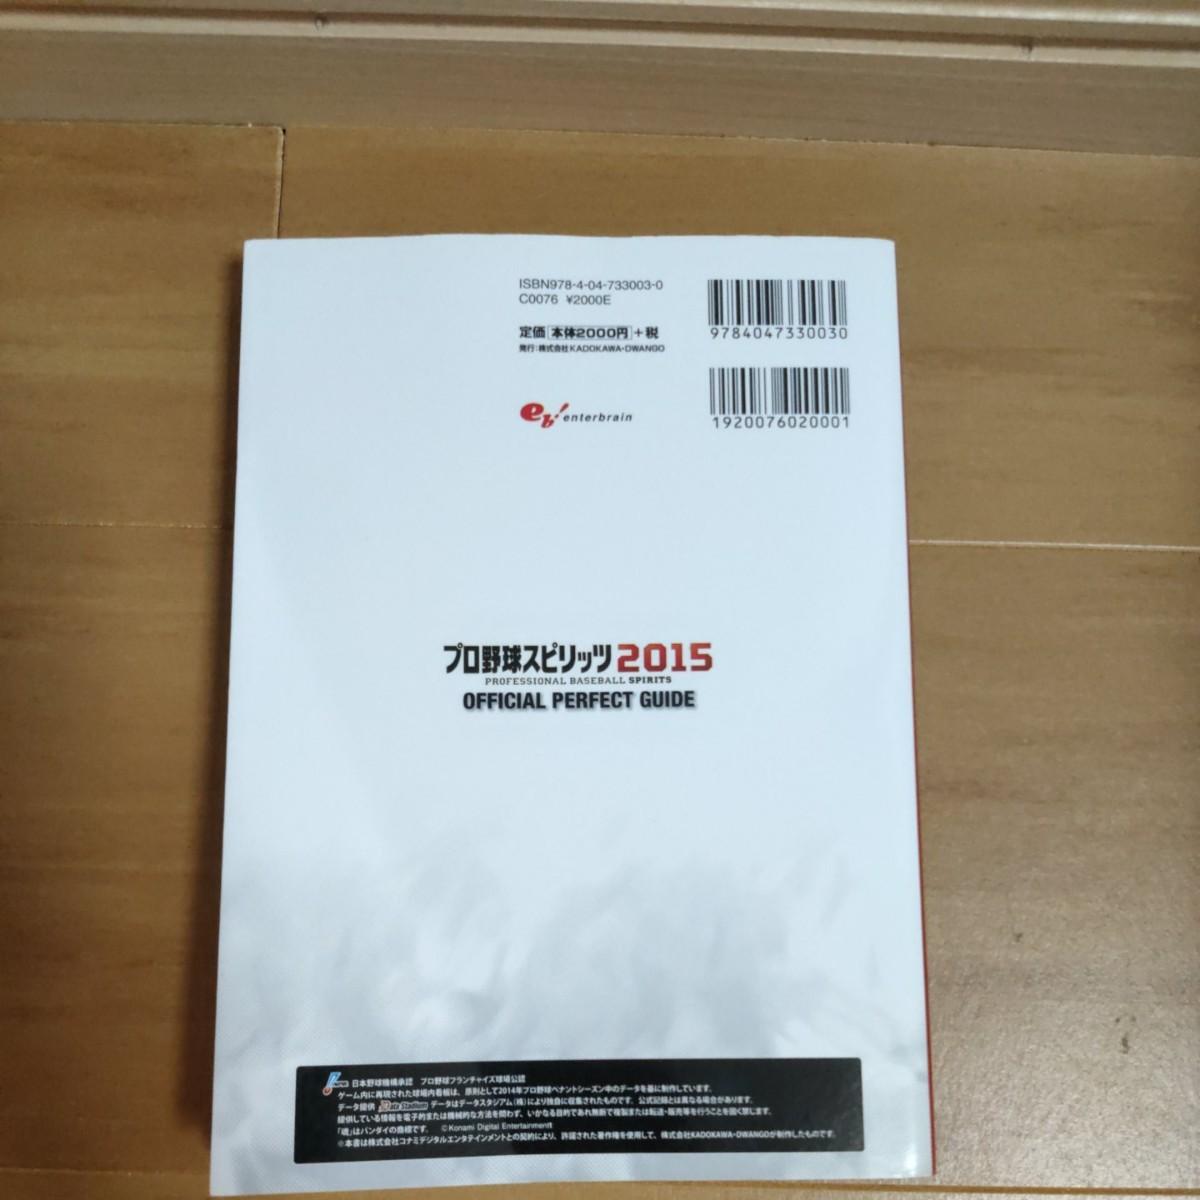 中古攻略本 PS3/PSV プロ野球スピリッツ2015 公式パーフェクトガイド